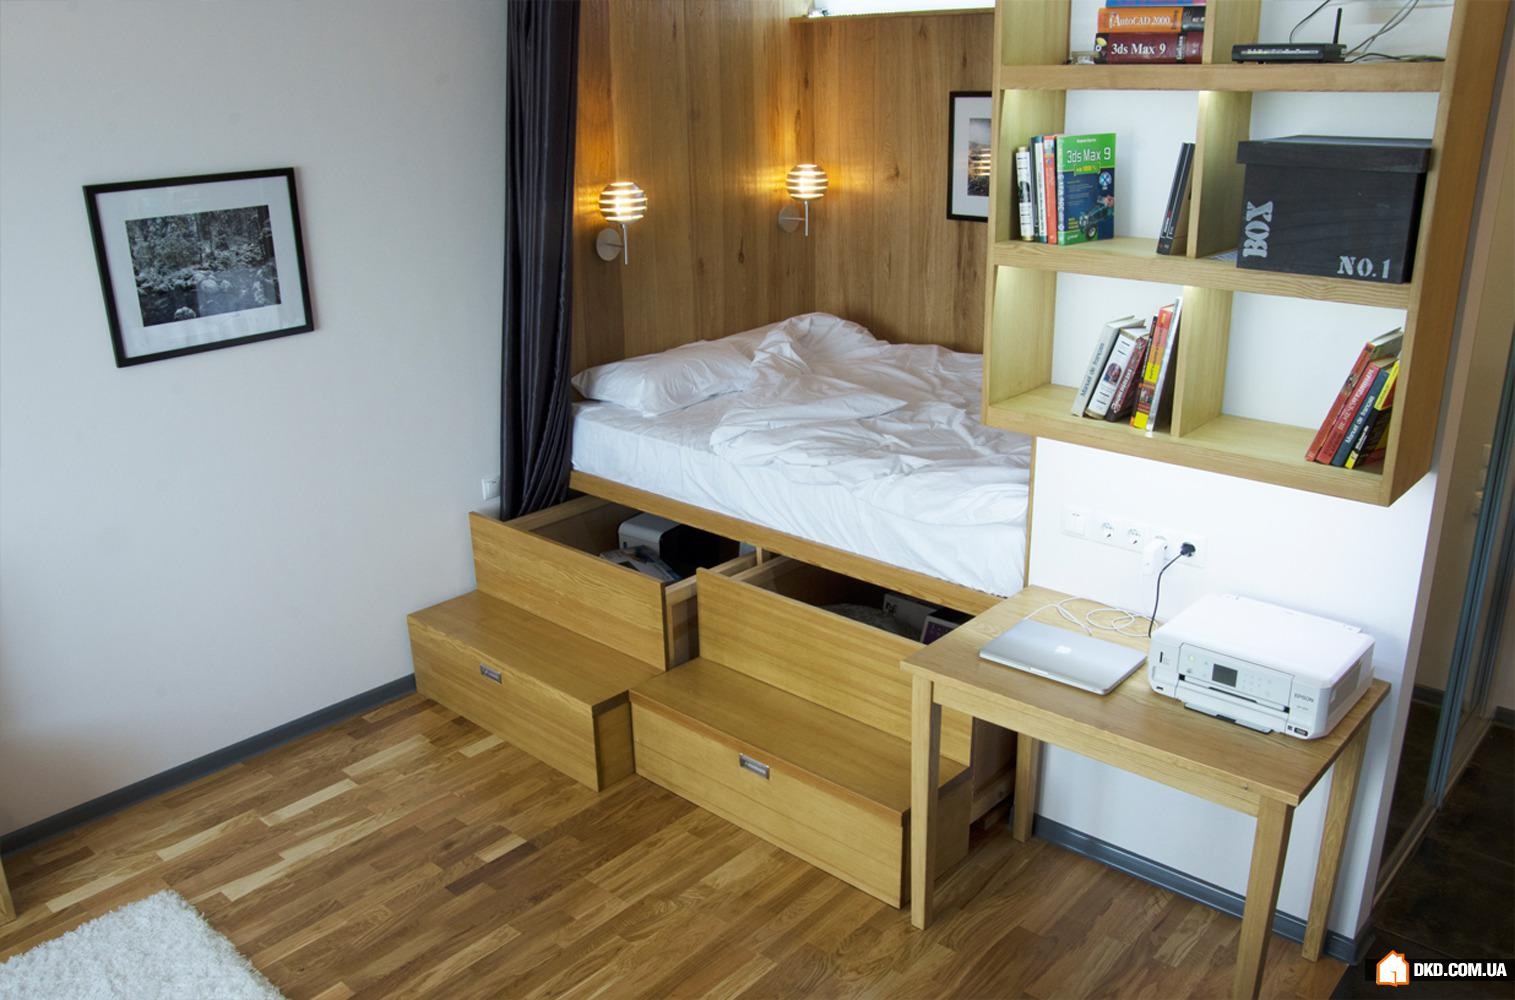 Интерьер маленькой квартиры в симферополе, 38 кв.м. фото рем.